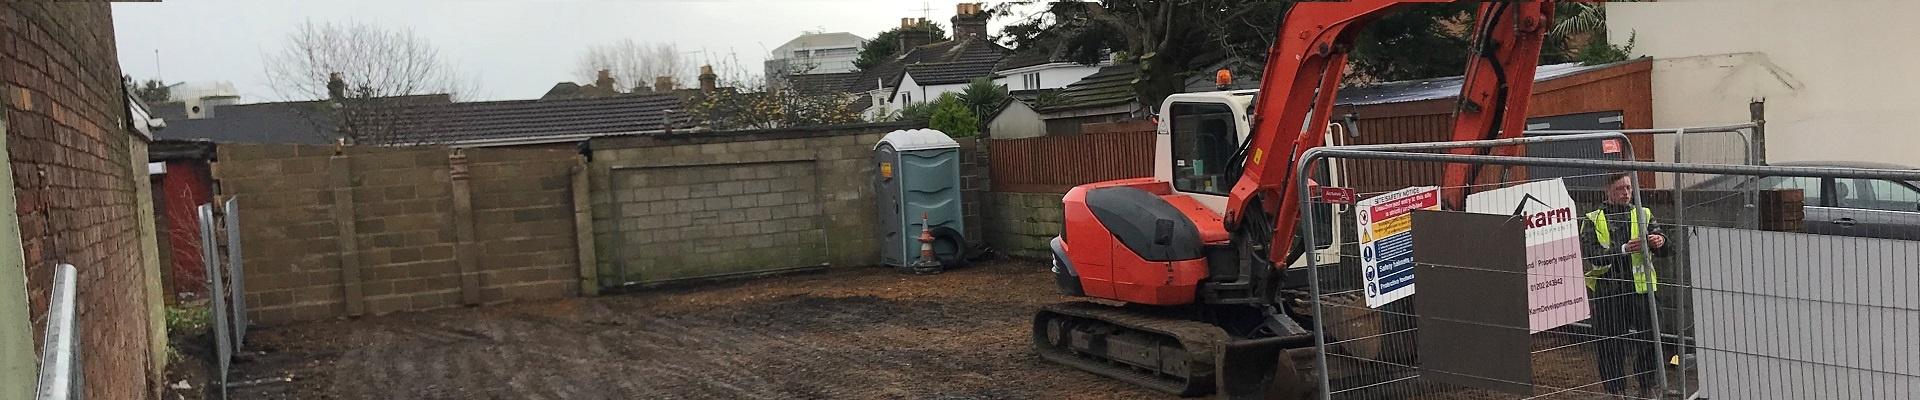 Garages Demolished at Denmark Lane, Poole